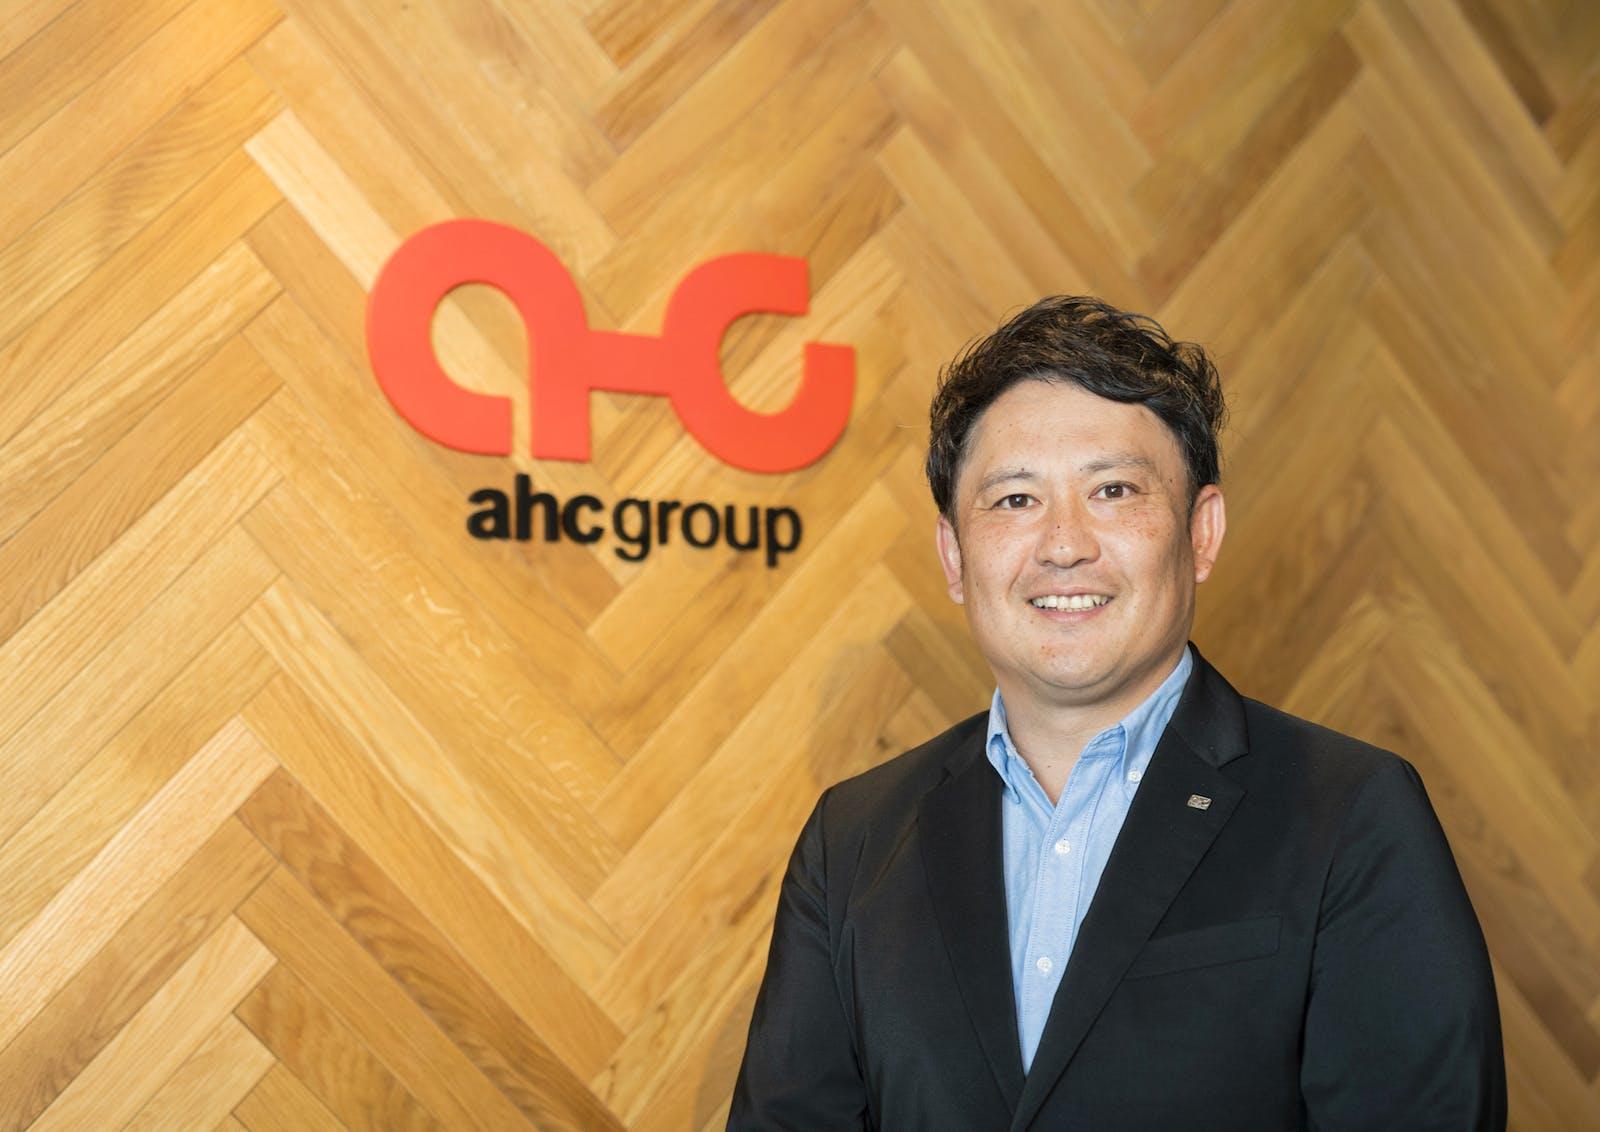 AHCグループ株式会社のアイキャッチ画像